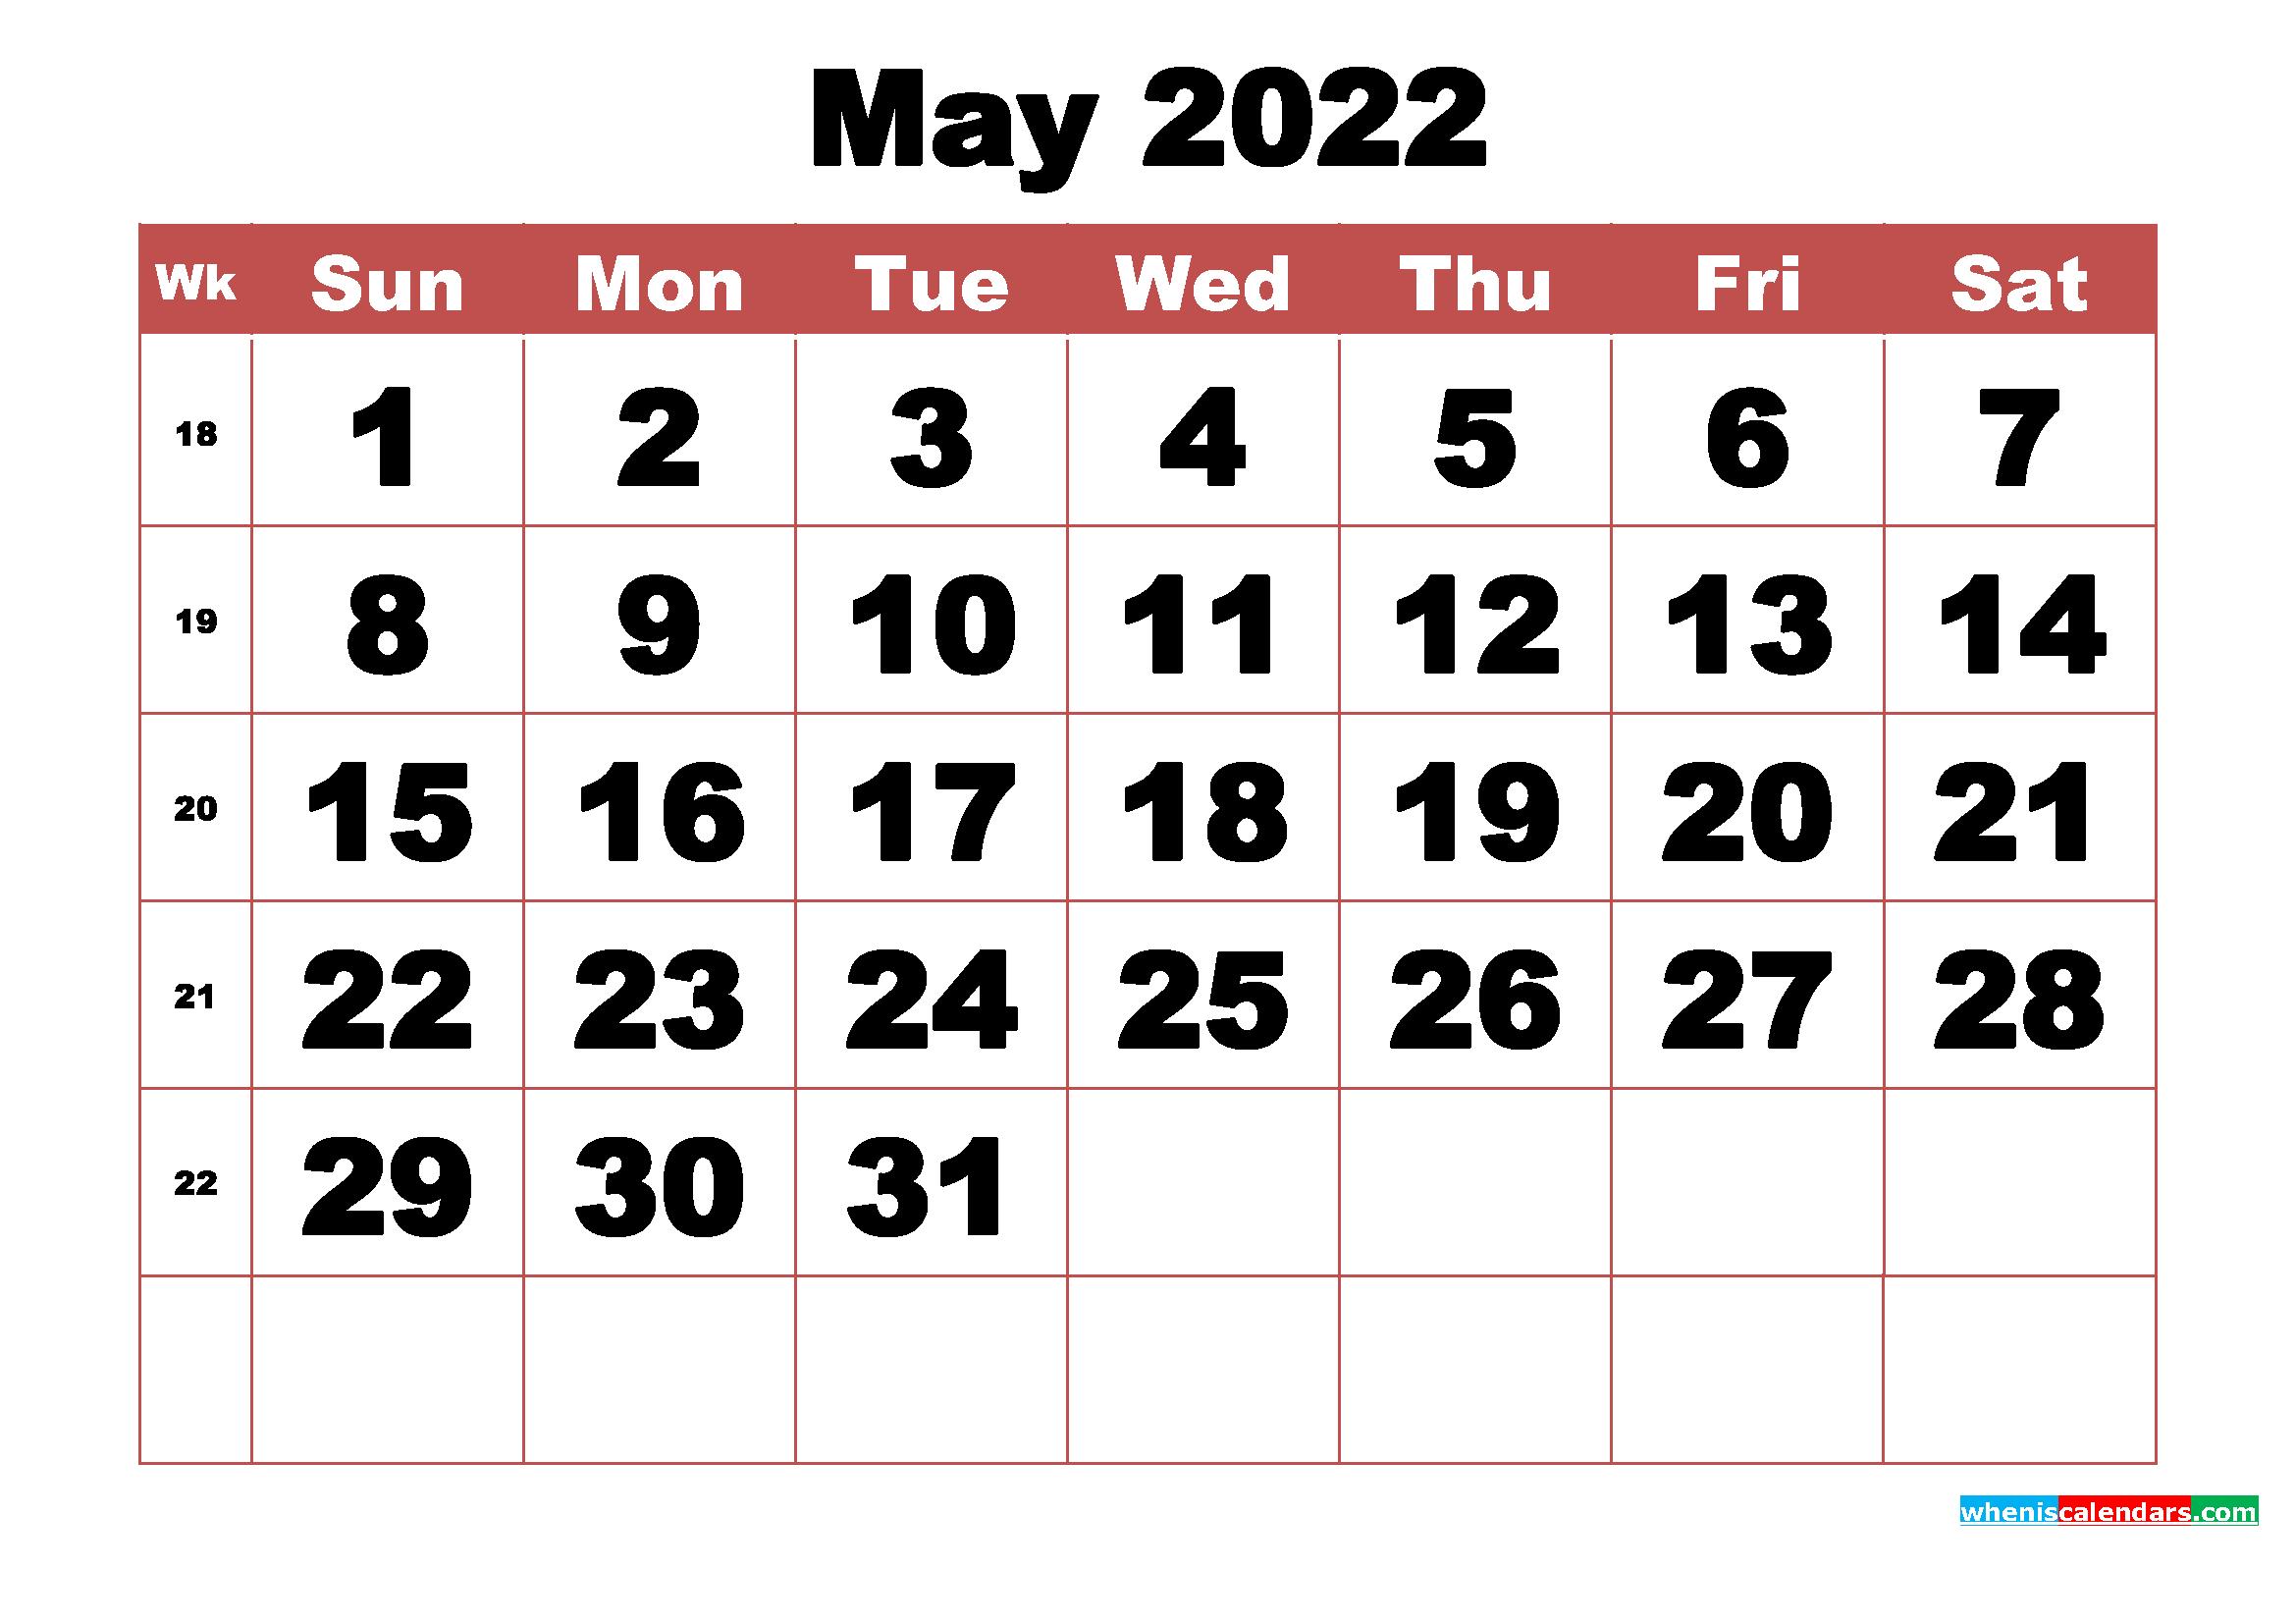 Free Printable May 2022 Calendar With Week Numbers - Free throughout Free Printable 2022 September Calendar Image